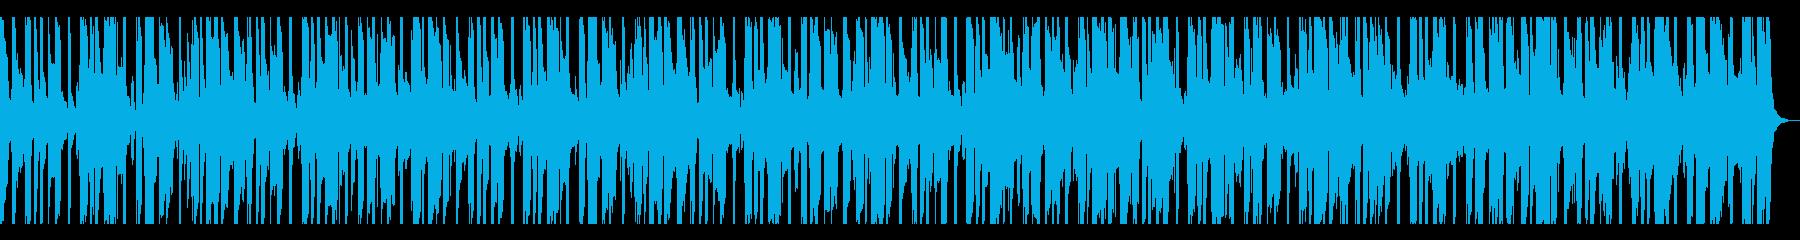 【短いVer9】スローファンクロックの再生済みの波形